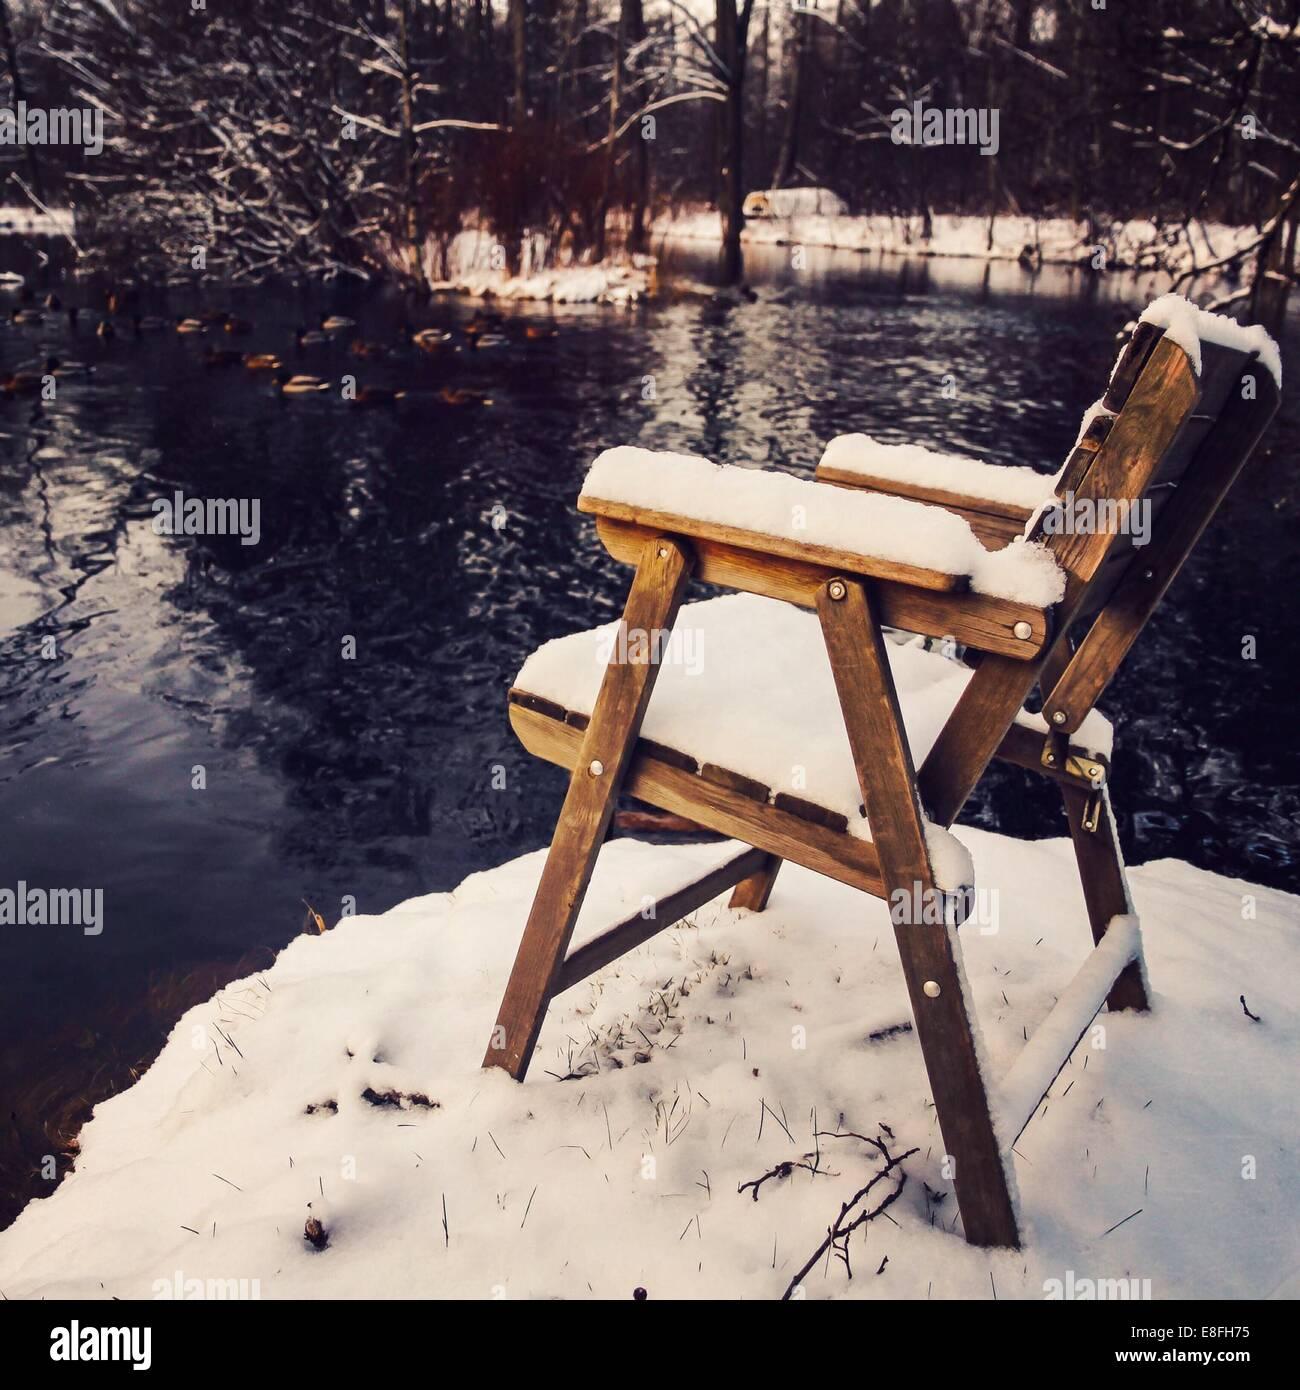 Chaise couverts de neige en hiver par le lac Photo Stock